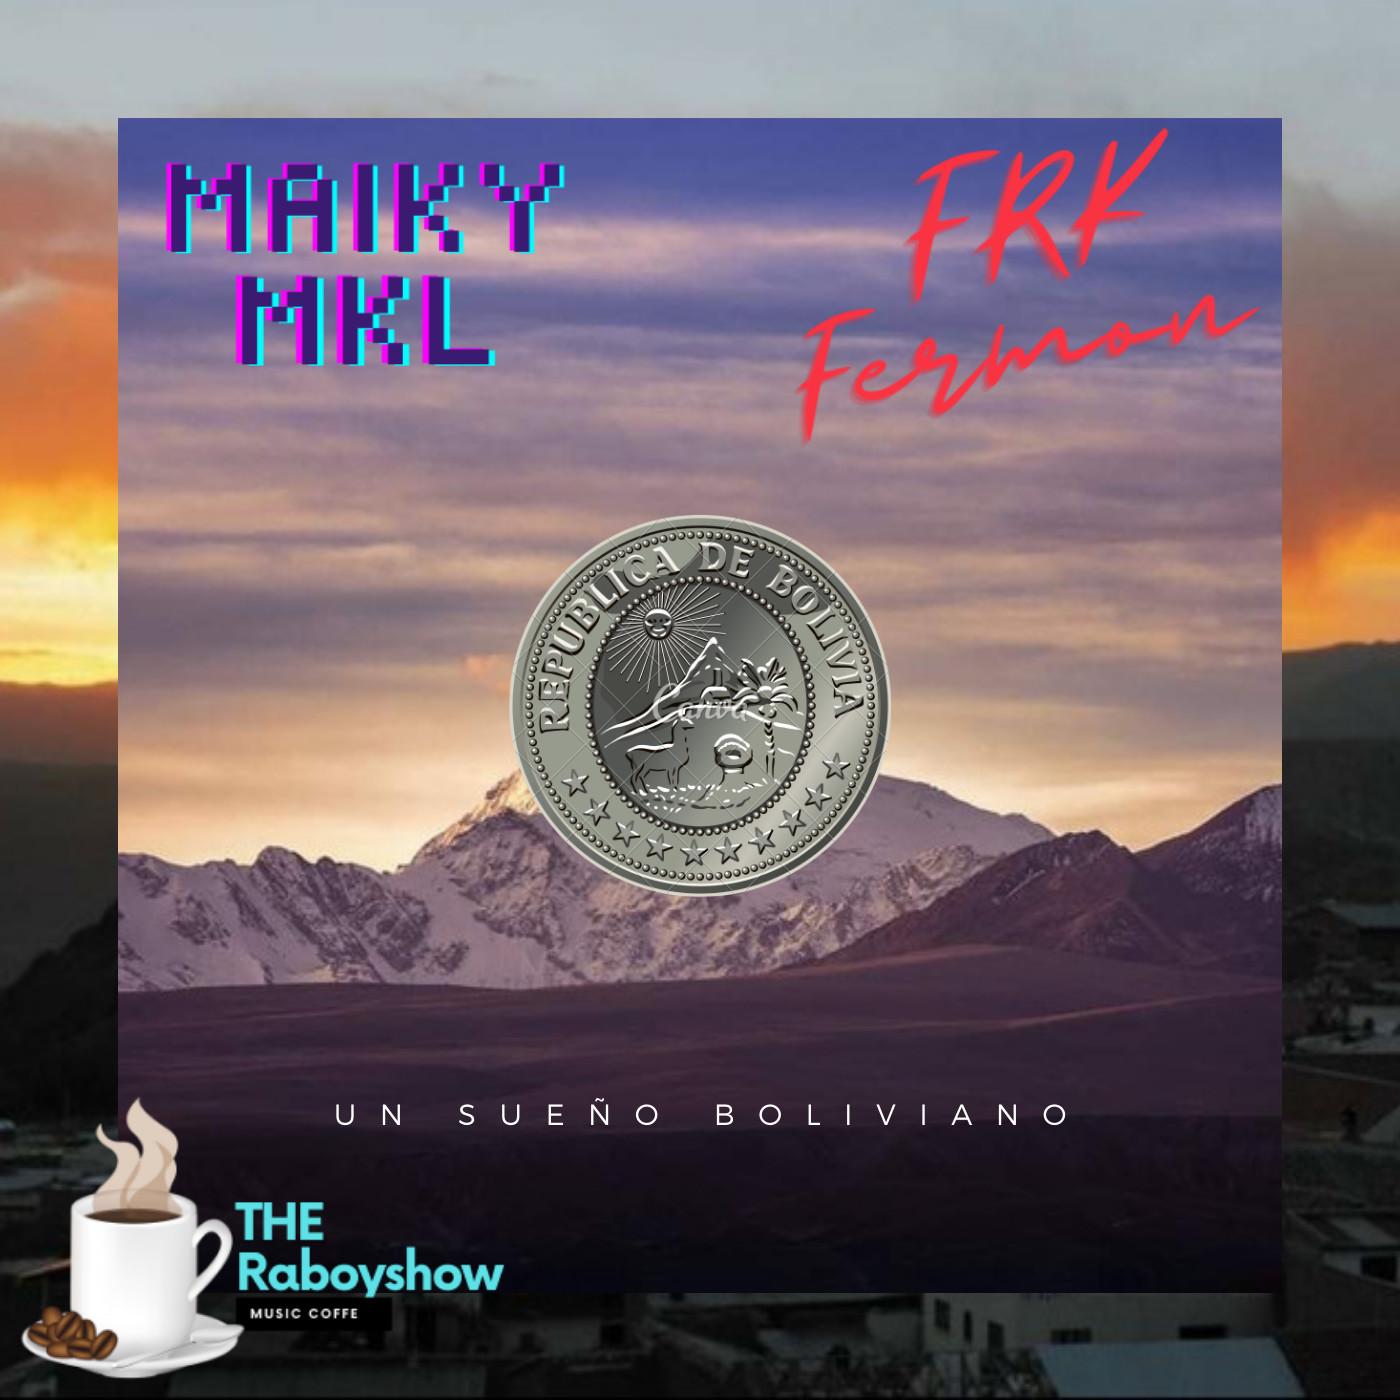 Un sueño boliviano - Maiky Ft. Fermon